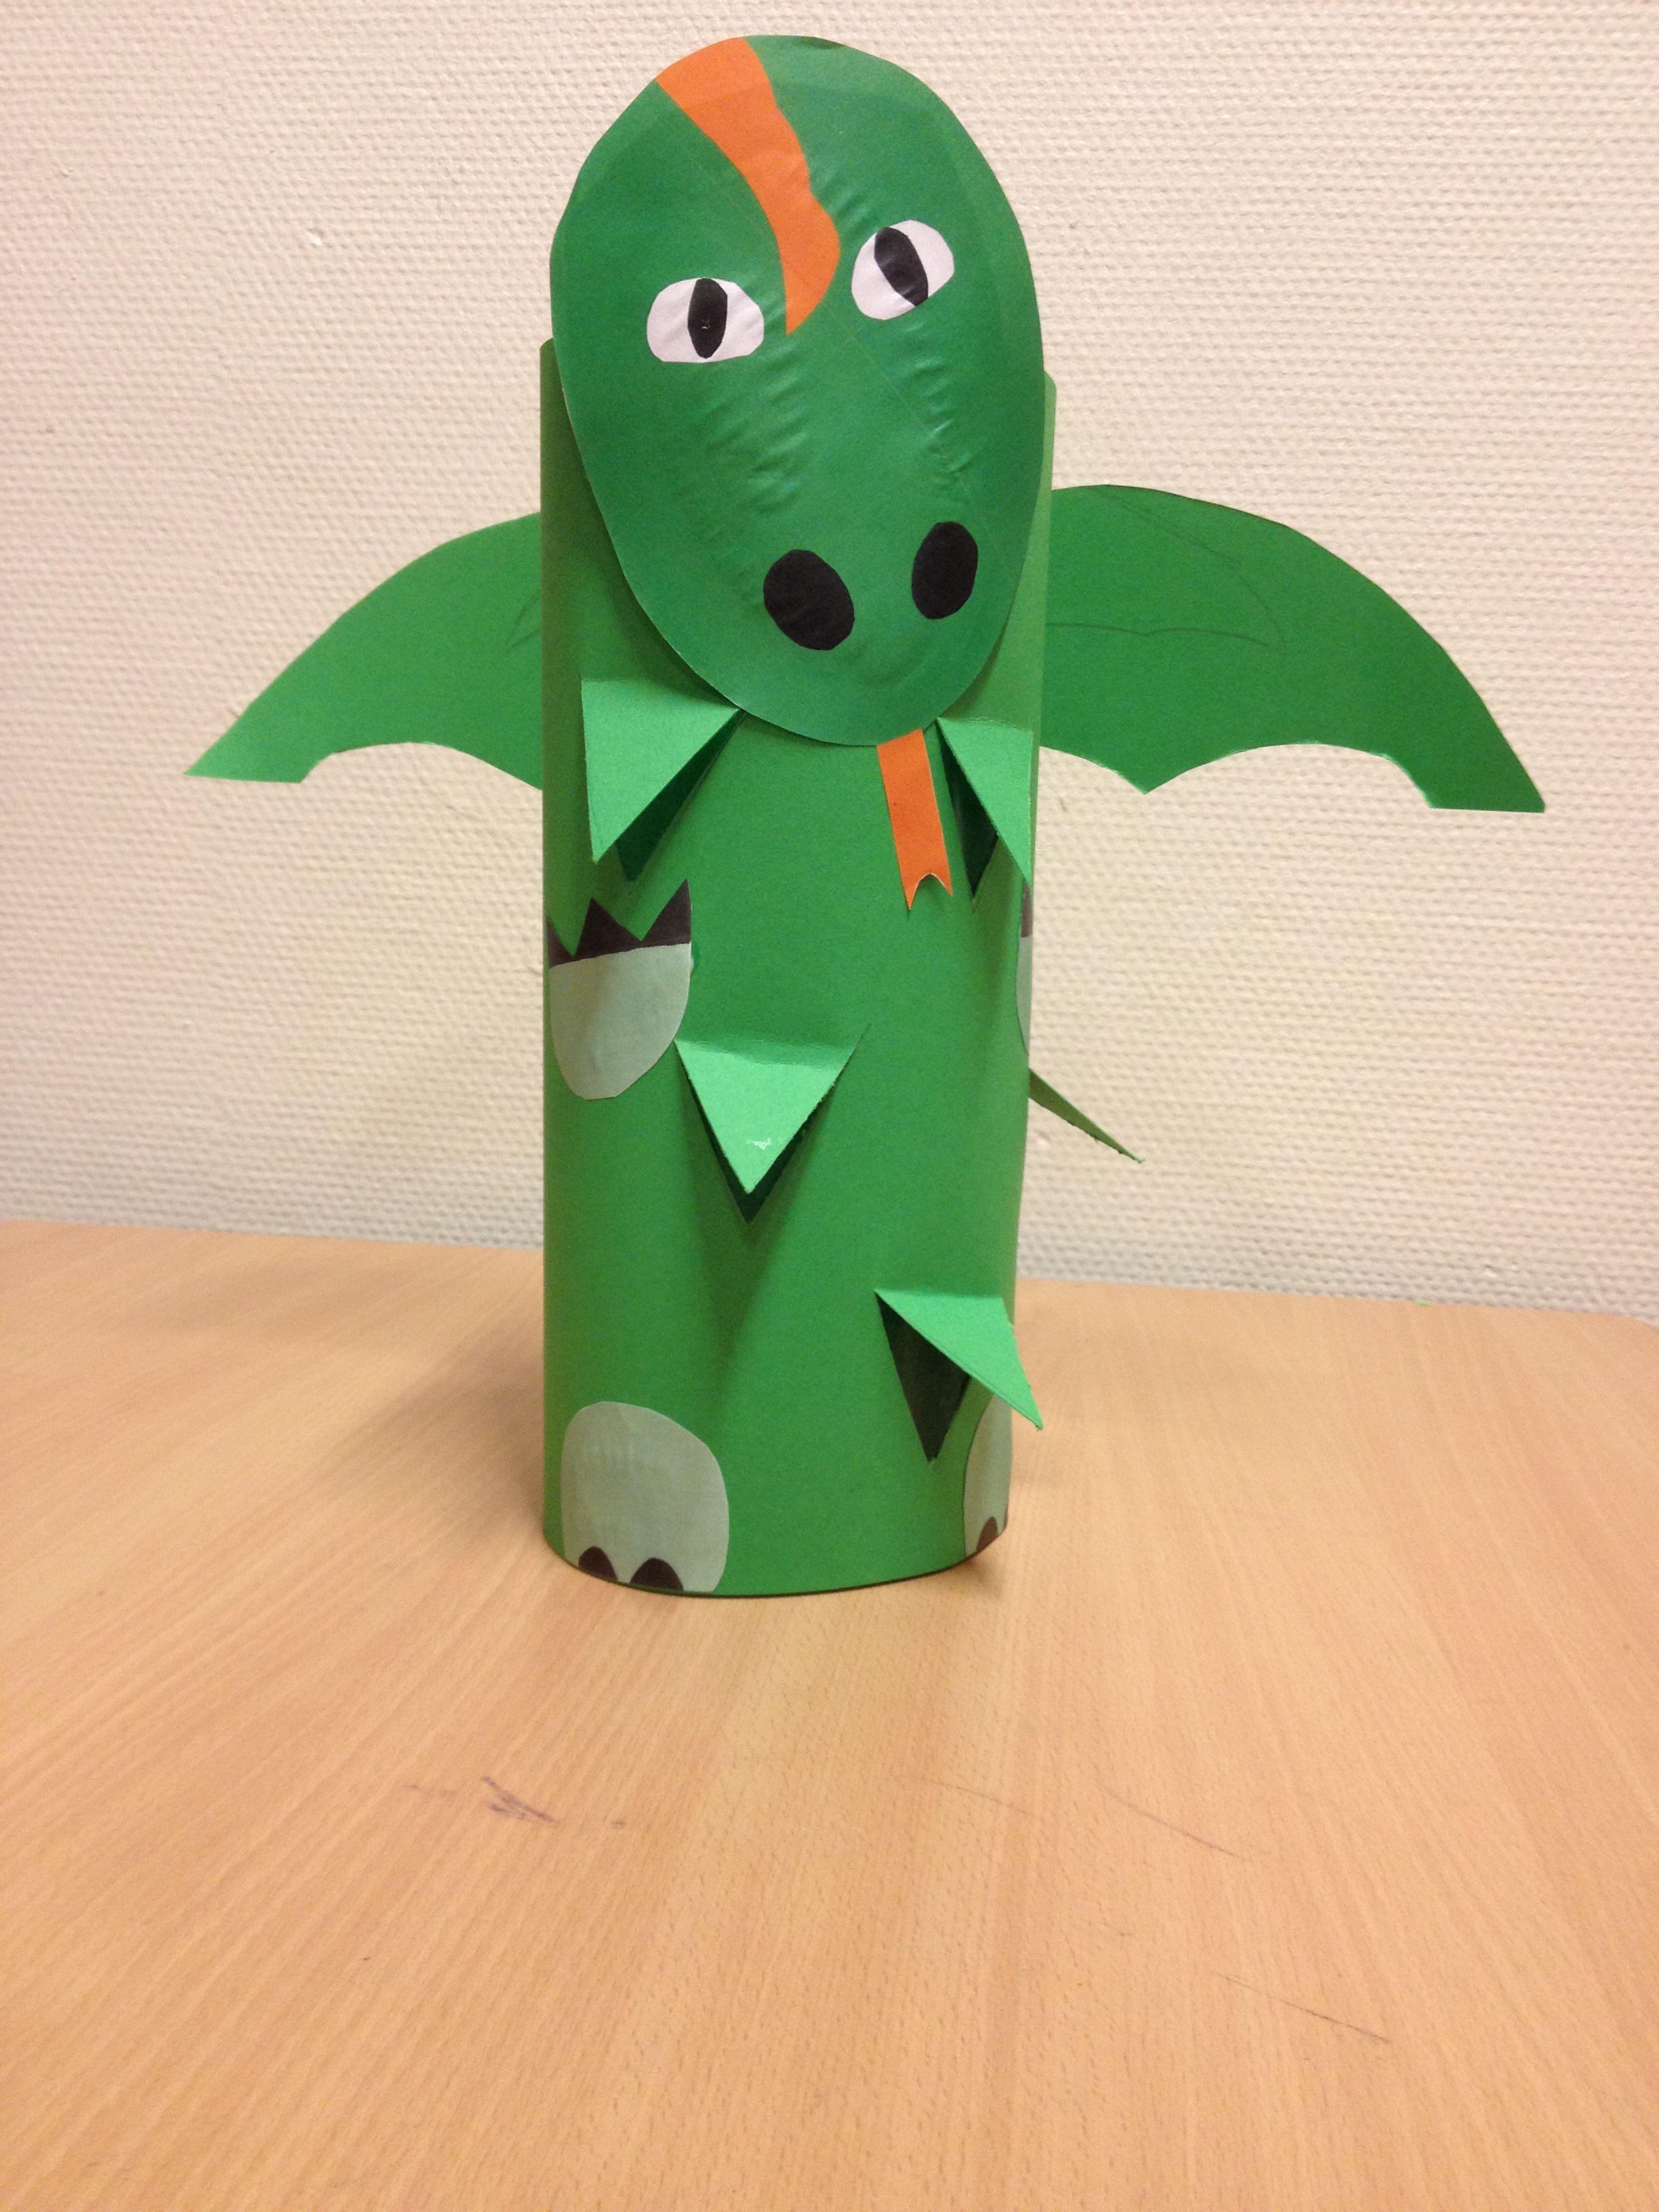 Drag n con rollos de papel higi nico manualidades diy activities kids paper roll crafts - Manualidades con papel craft ...